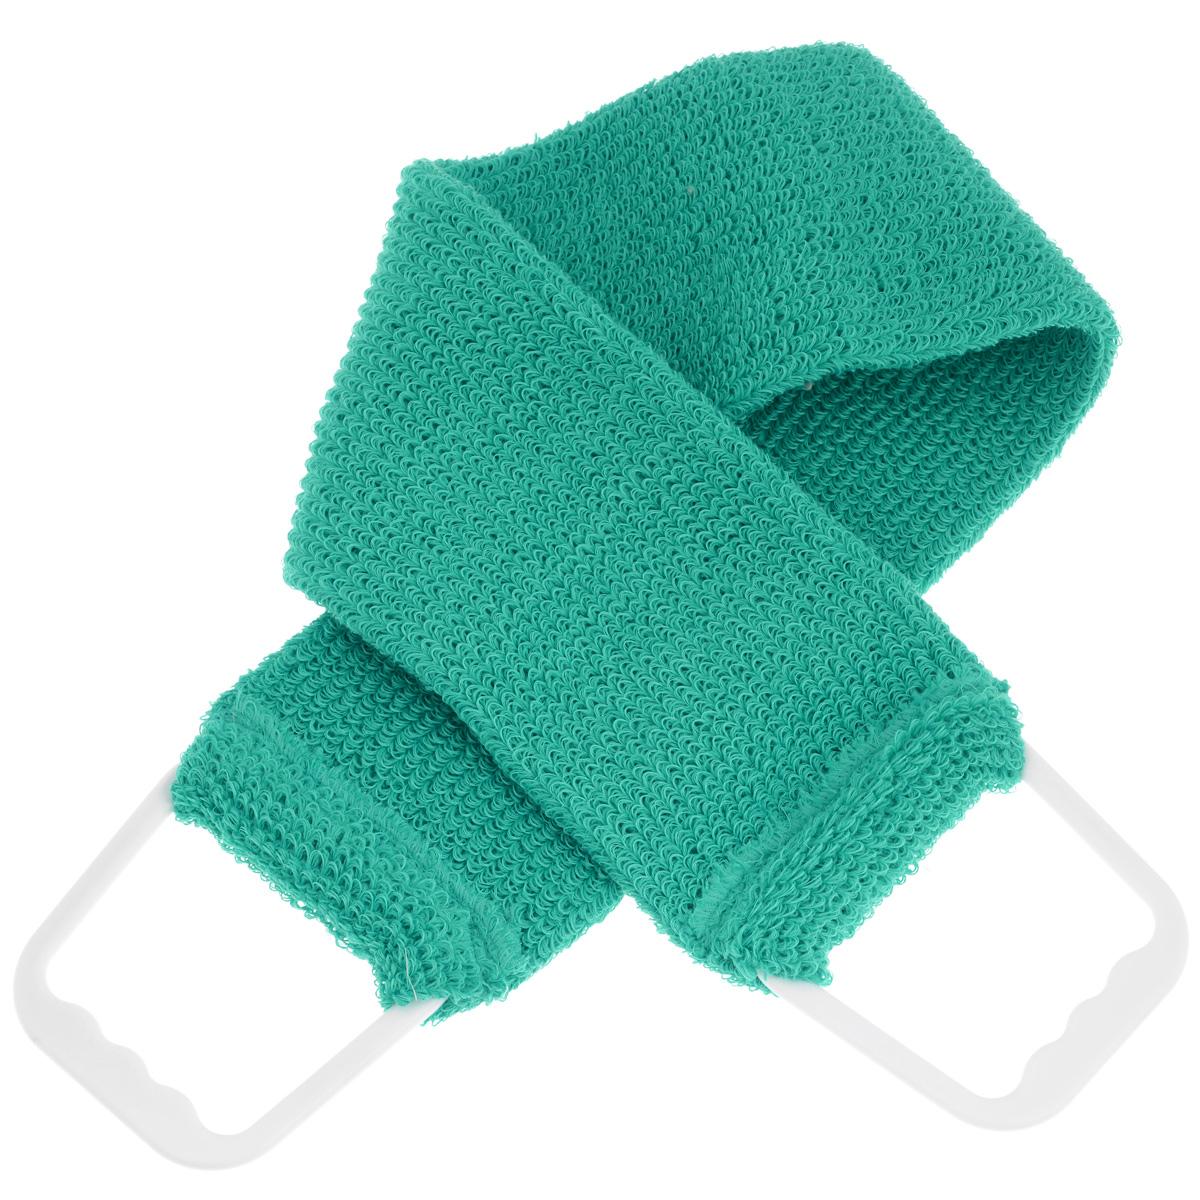 Мочалка-пояс массажная Riffi, цвет: бирюзовый103_бирюзовыйМочалка-пояс Riffi используется для мытья тела, обладает активным пилинговым действием, тонизируя, массируя и эффективно очищая вашу кожу. Примесь жестких синтетических волокон усиливает массажное воздействие на кожу. Для удобства применения пояс снабжен двумя пластиковыми ручками. Благодаря отшелушивающему эффекту мочалки-пояса, кожа освобождается от отмерших клеток, становится гладкой, упругой и свежей. Массаж тела с применением Riffi стимулирует кровообращение, активирует кровоснабжение, способствует обмену веществ, что в свою очередь позволяет себя чувствовать бодрым и отдохнувшим после принятия душа или ванны. Riffi регенерирует кожу, делает ее приятно нежной, мягкой и лучше готовой к принятию косметических средств. Приносит приятное расслабление всему организму. Борется со спазмами и болями в мышцах, предупреждает образование целлюлита и обеспечивает омолаживающий эффект. Моет легко и энергично. Быстро сохнет. Гипоаллергенная. Способ...